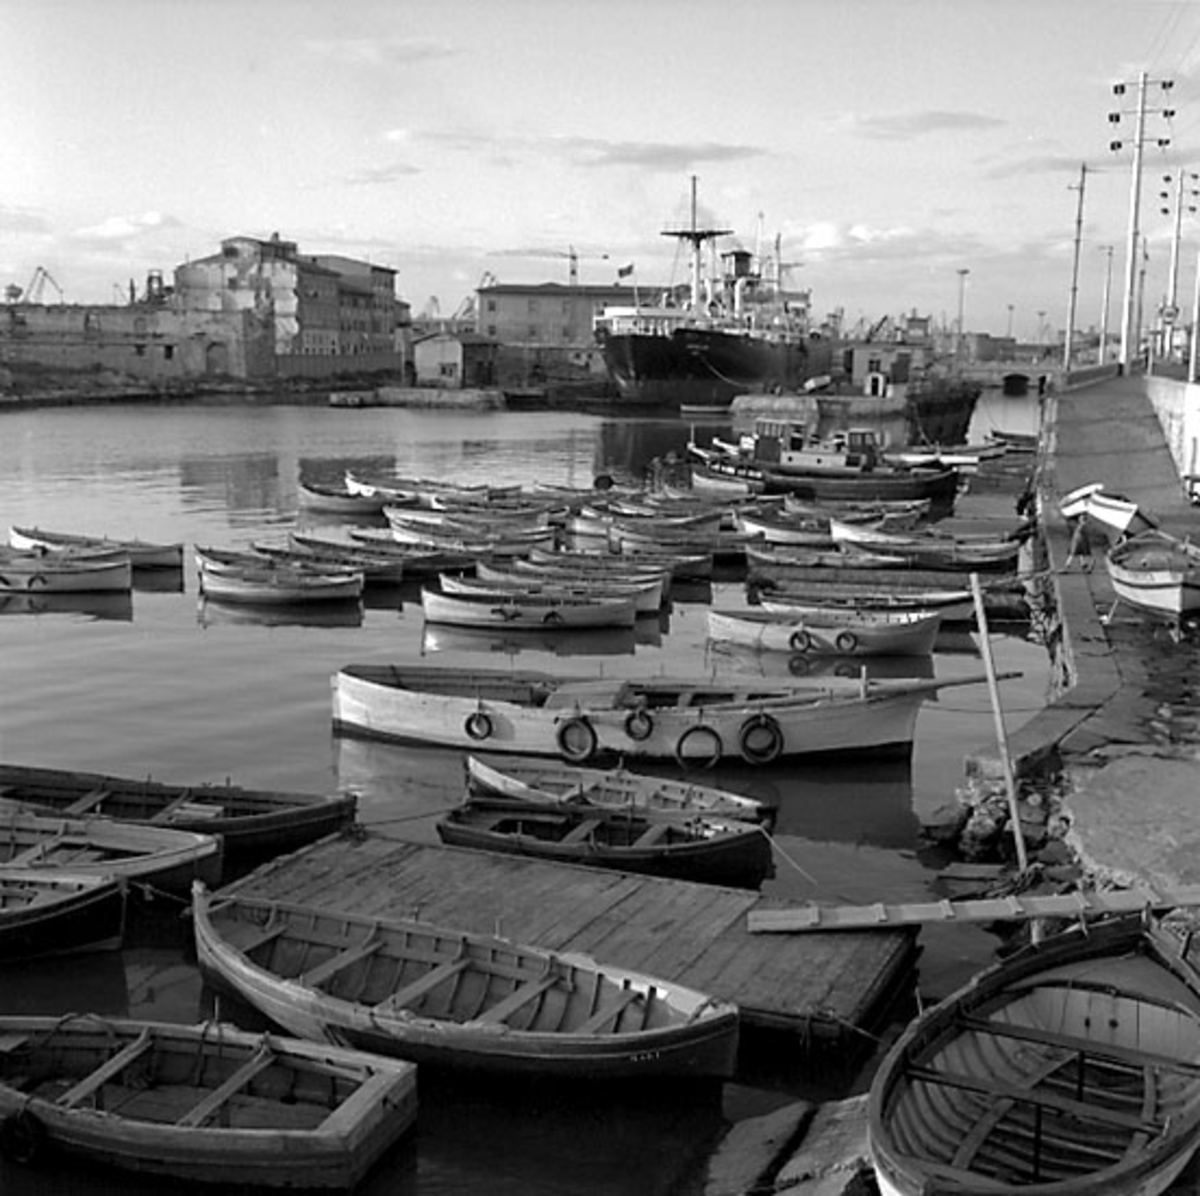 21. Italien. Fotojournal finns på B.M.A. + fotoalbum. Samtidigt förvärv: Böcker och arkivmaterial. Foton tagna 1959-11-01. 12 Bilder i serie.